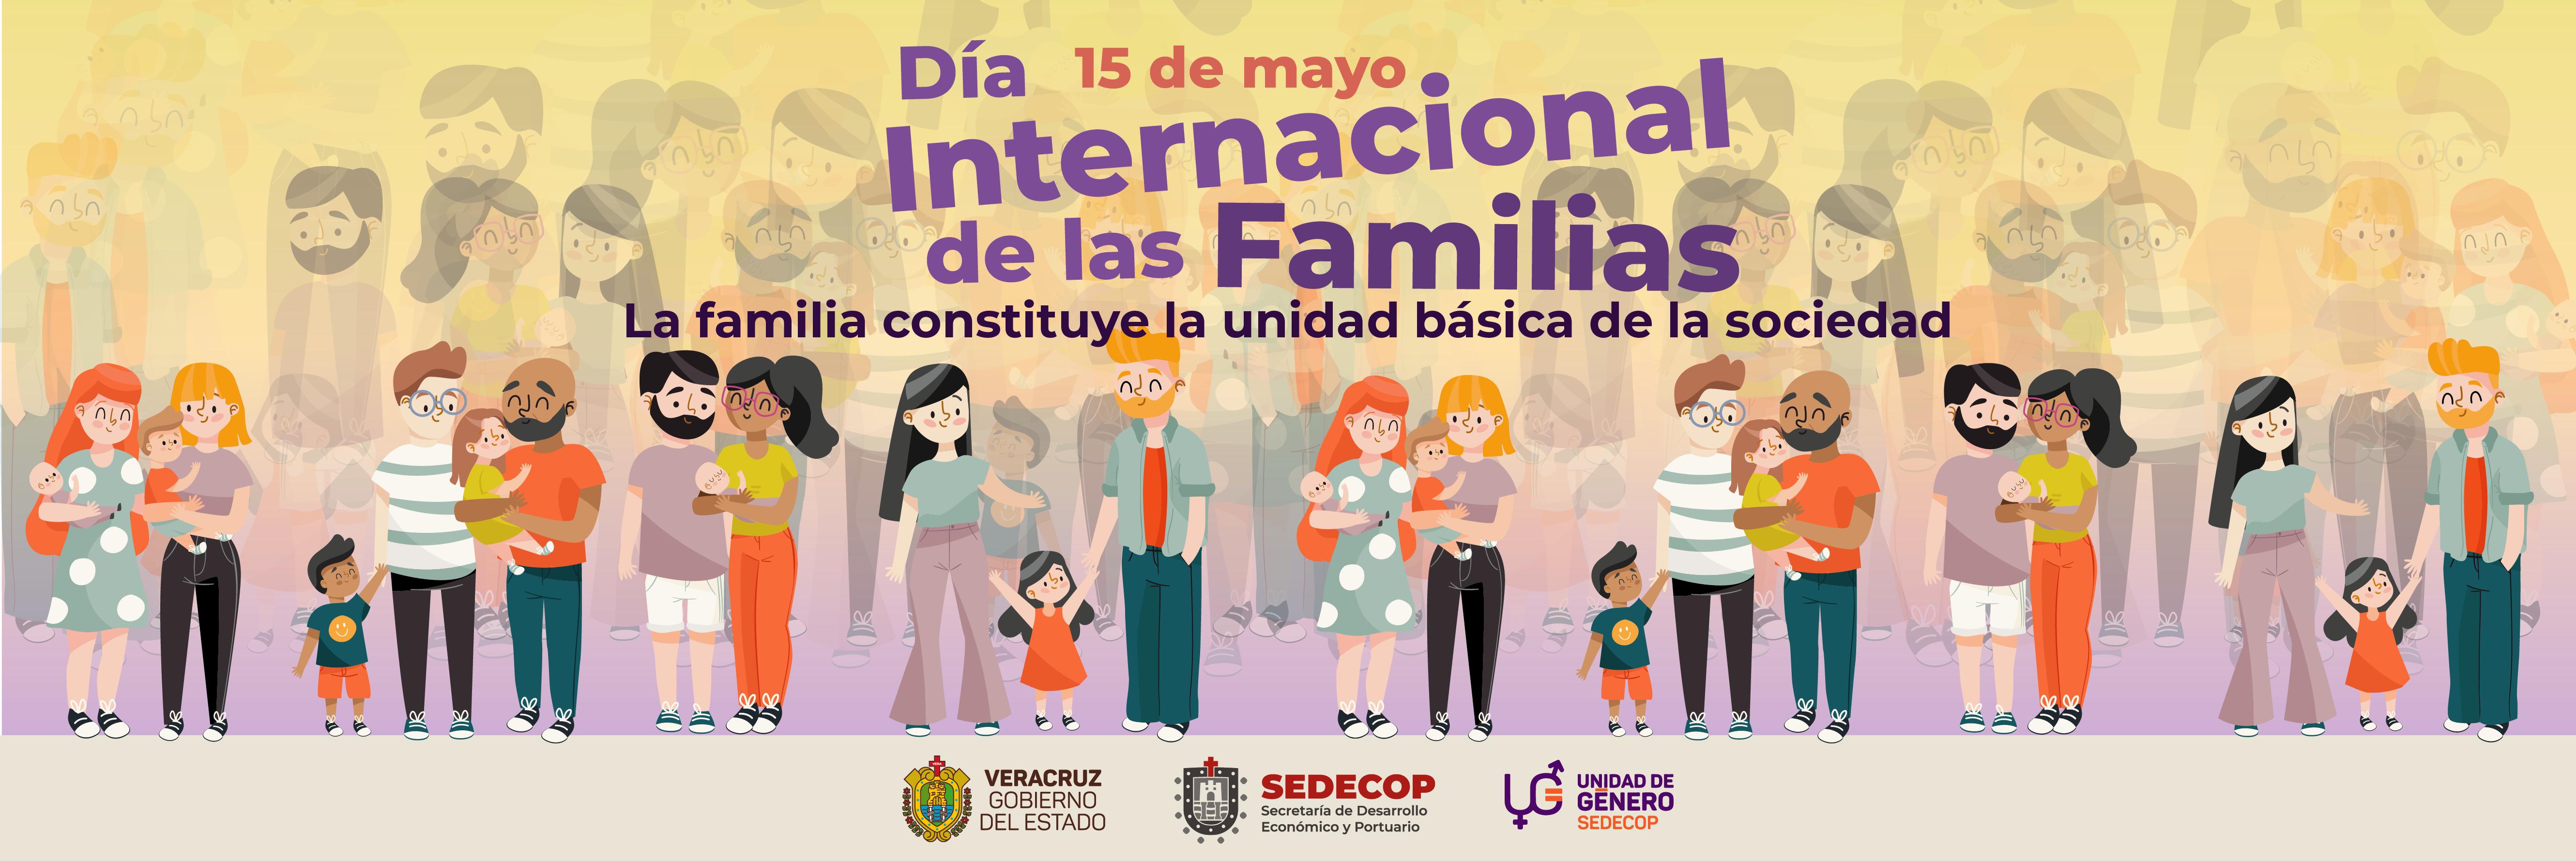 Día Internacional de las Familias15 de mayo-02